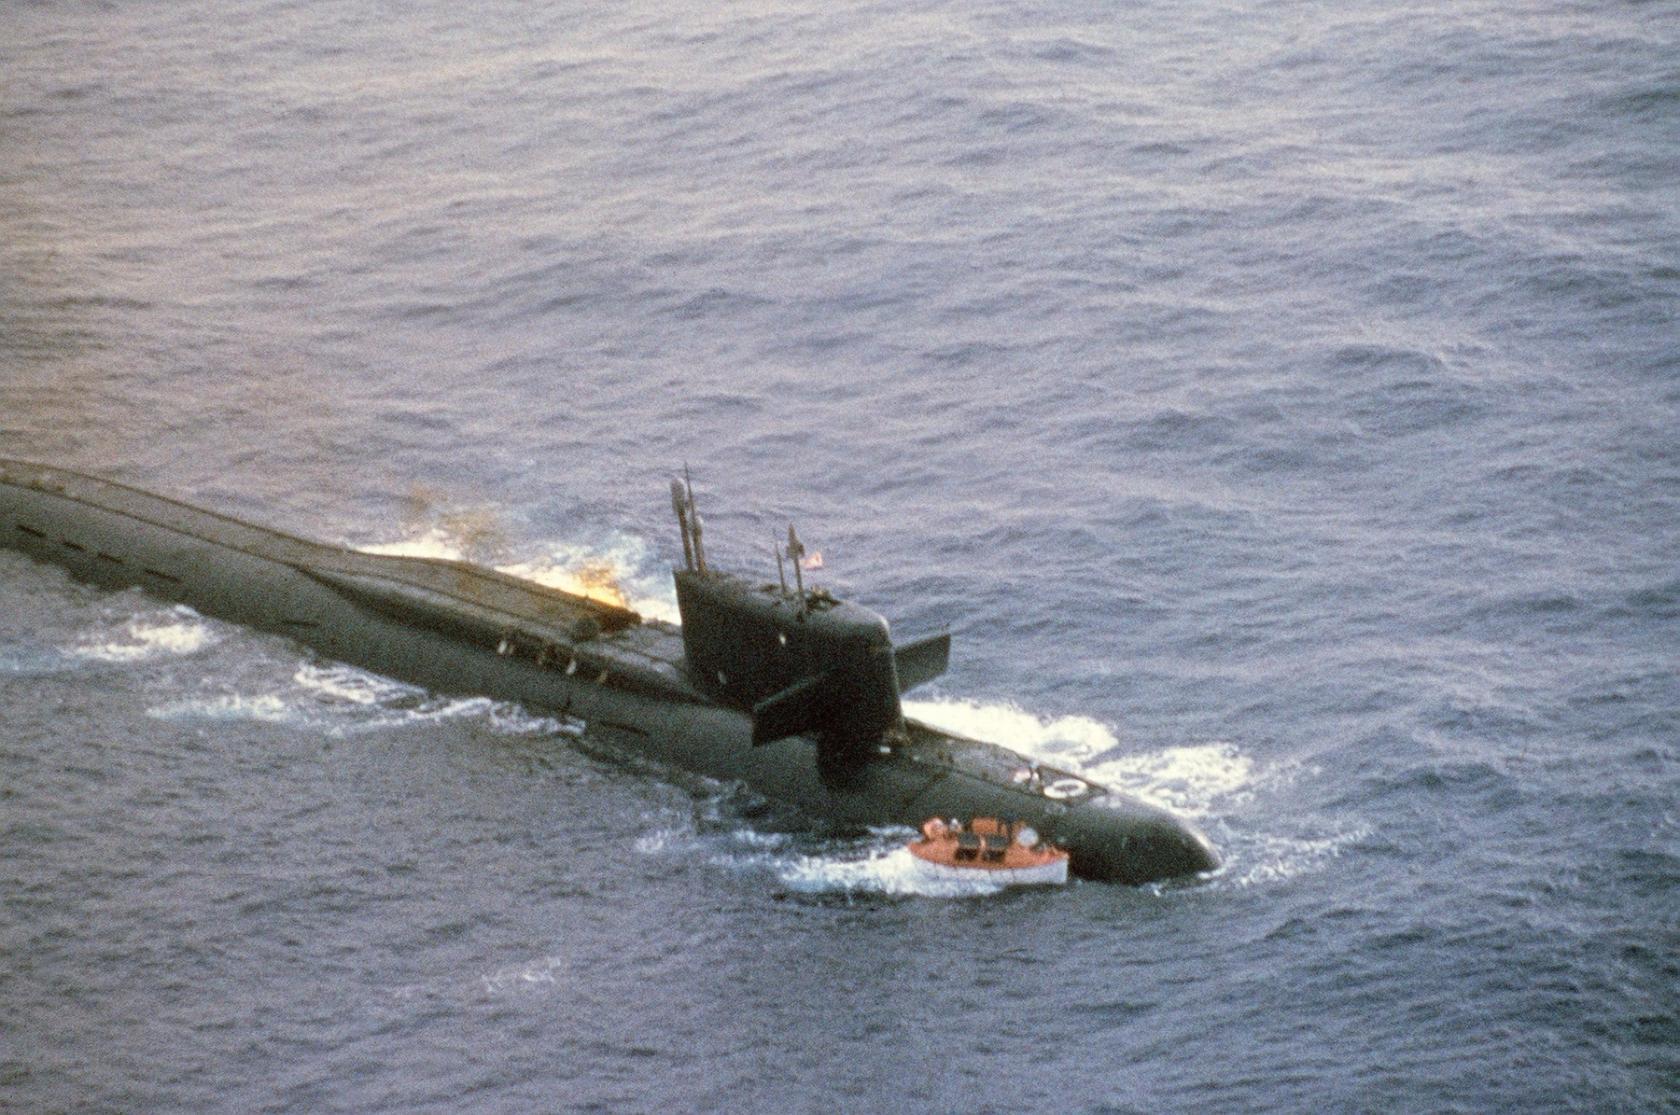 авария сверху подводной лодке для 219